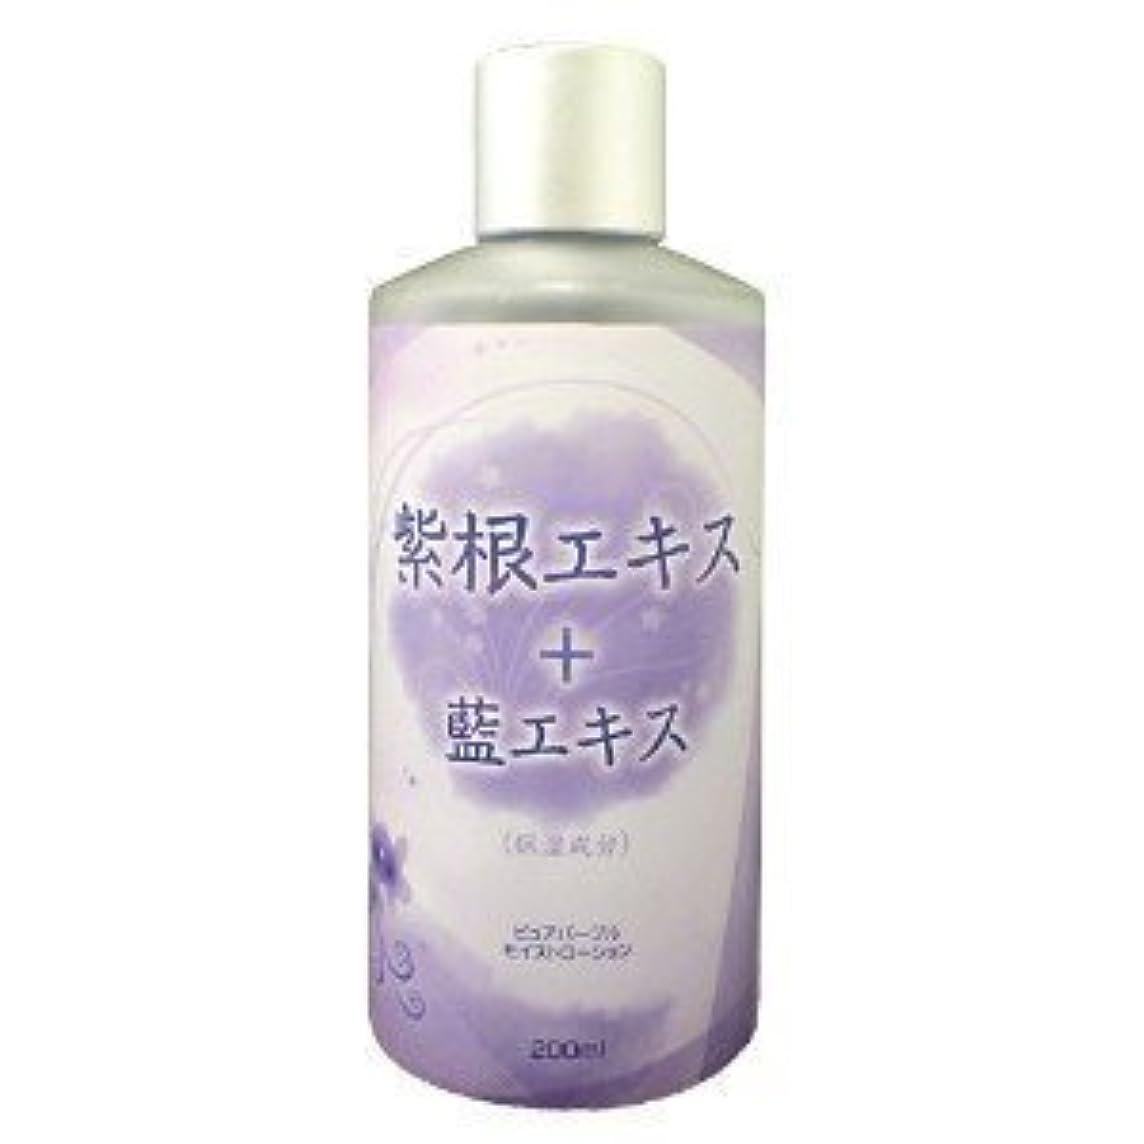 抽象化装置ネーピア3本セット ピュアパープルモイストローション シコン ( 紫根 ) 化粧水 藍エキス入り200ml